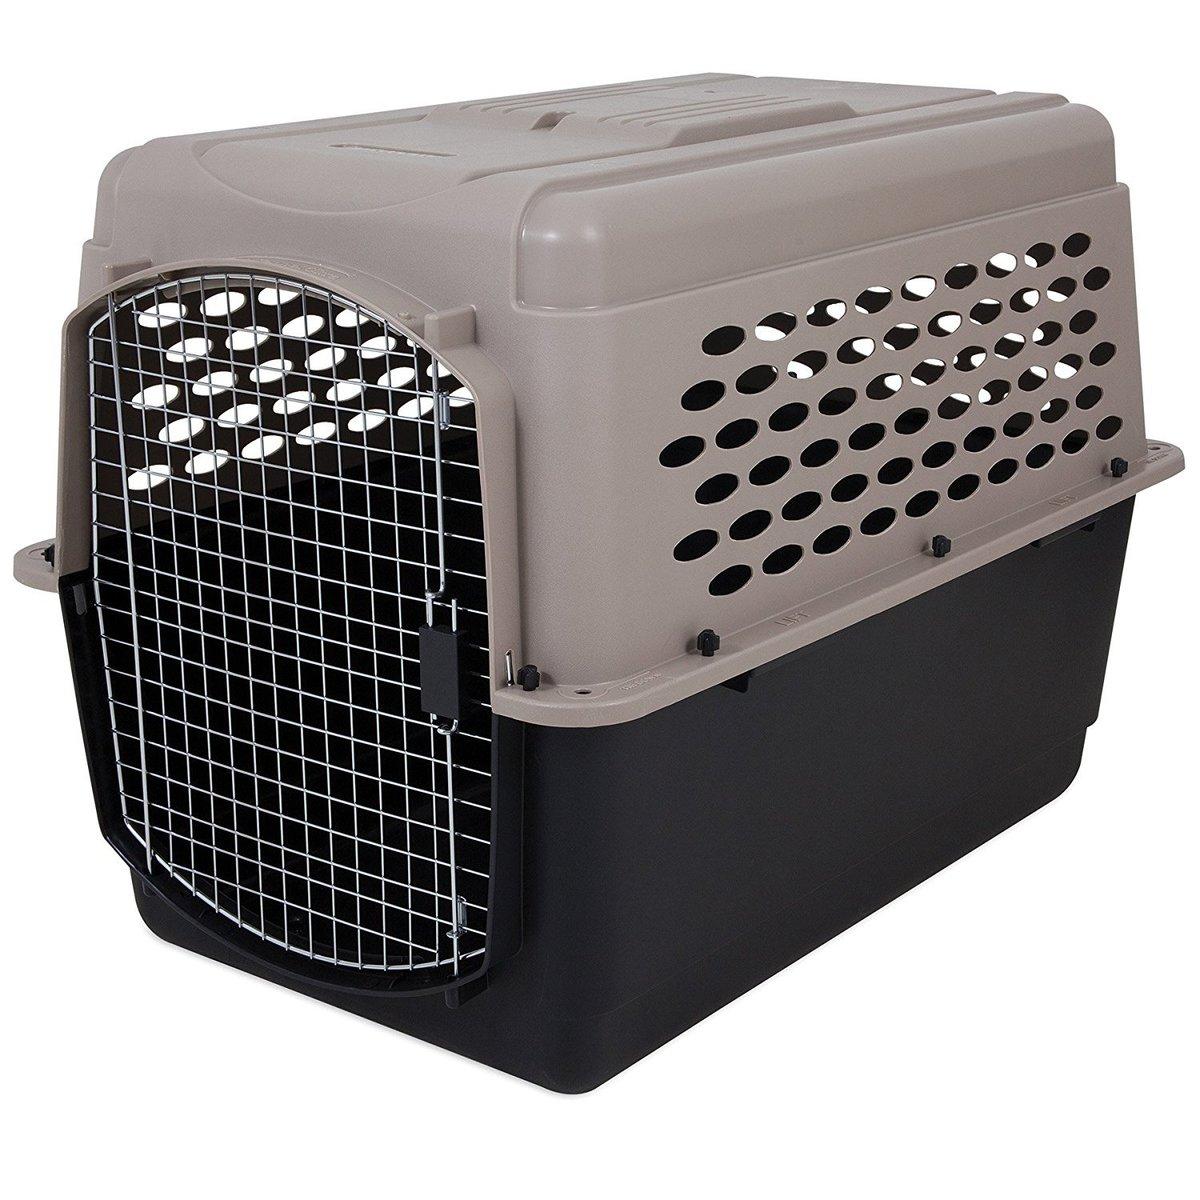 ペットメイト バリケンネル 70-90lbs (31.7-40.8kg) 犬用 トープ/ブラック【送料無料】